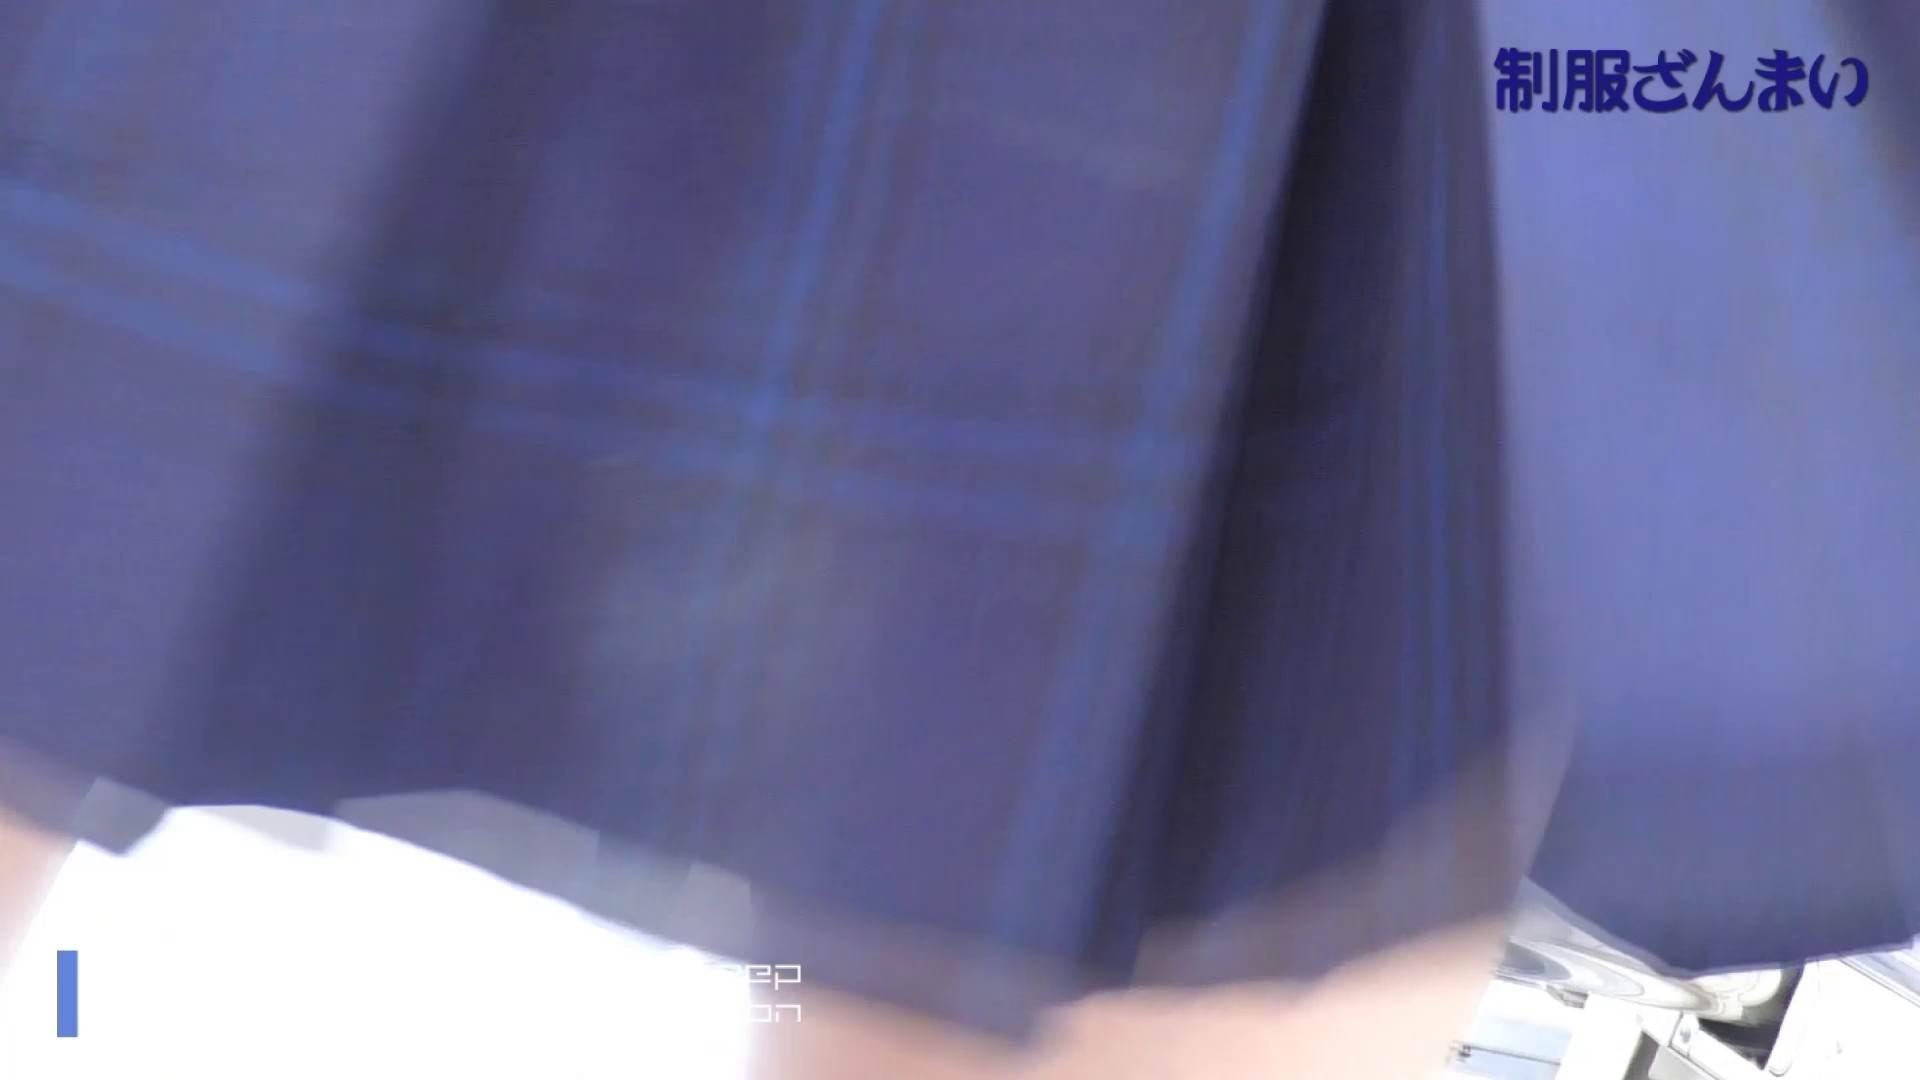 ▲2017_20位▲ パンツを売る女 Vol.24可愛い制月反の大胆SEX後編 高画質 スケベ動画紹介 84画像 17